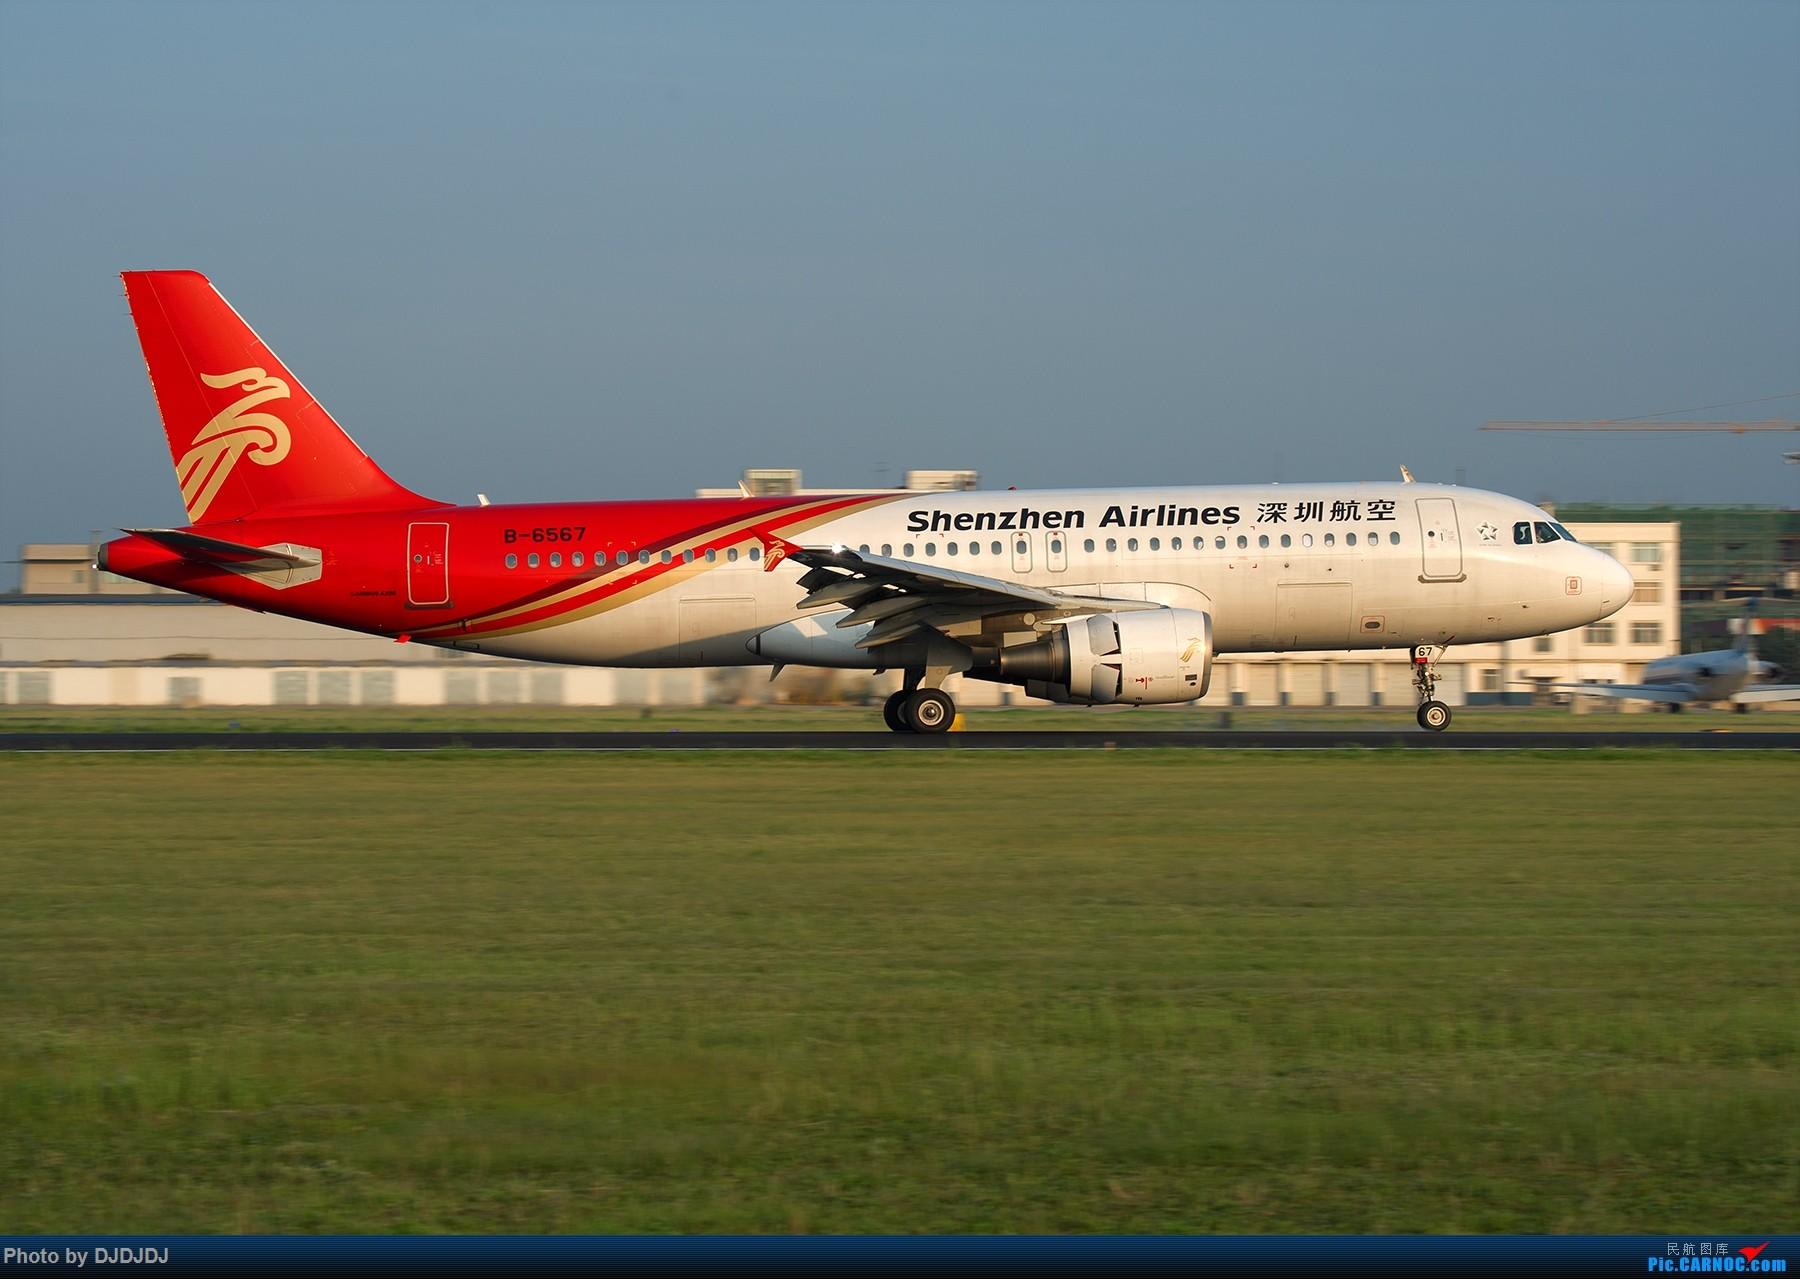 [原创]【BLDDQ--深圳打机队】沈阳好温暖--想念北方的花 AIRBUS A320-200 B-6567 中国沈阳桃仙国际机场